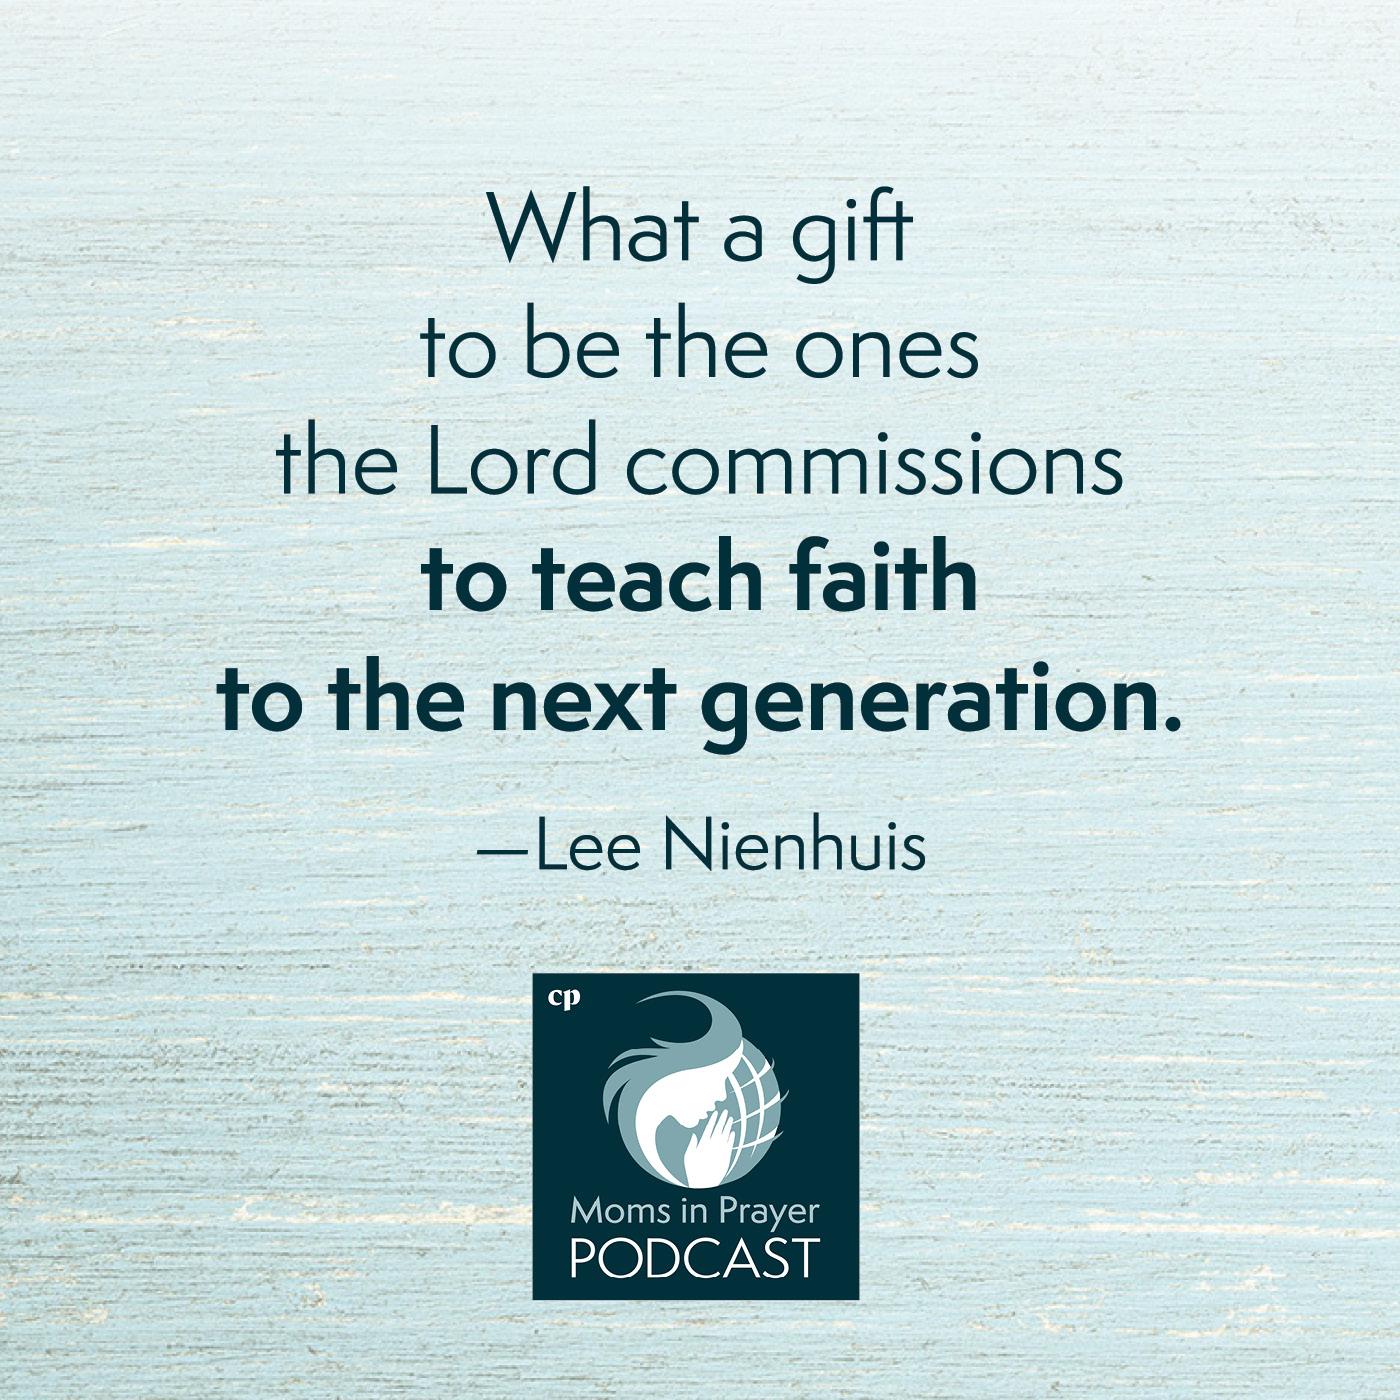 Teach faith to the next generation